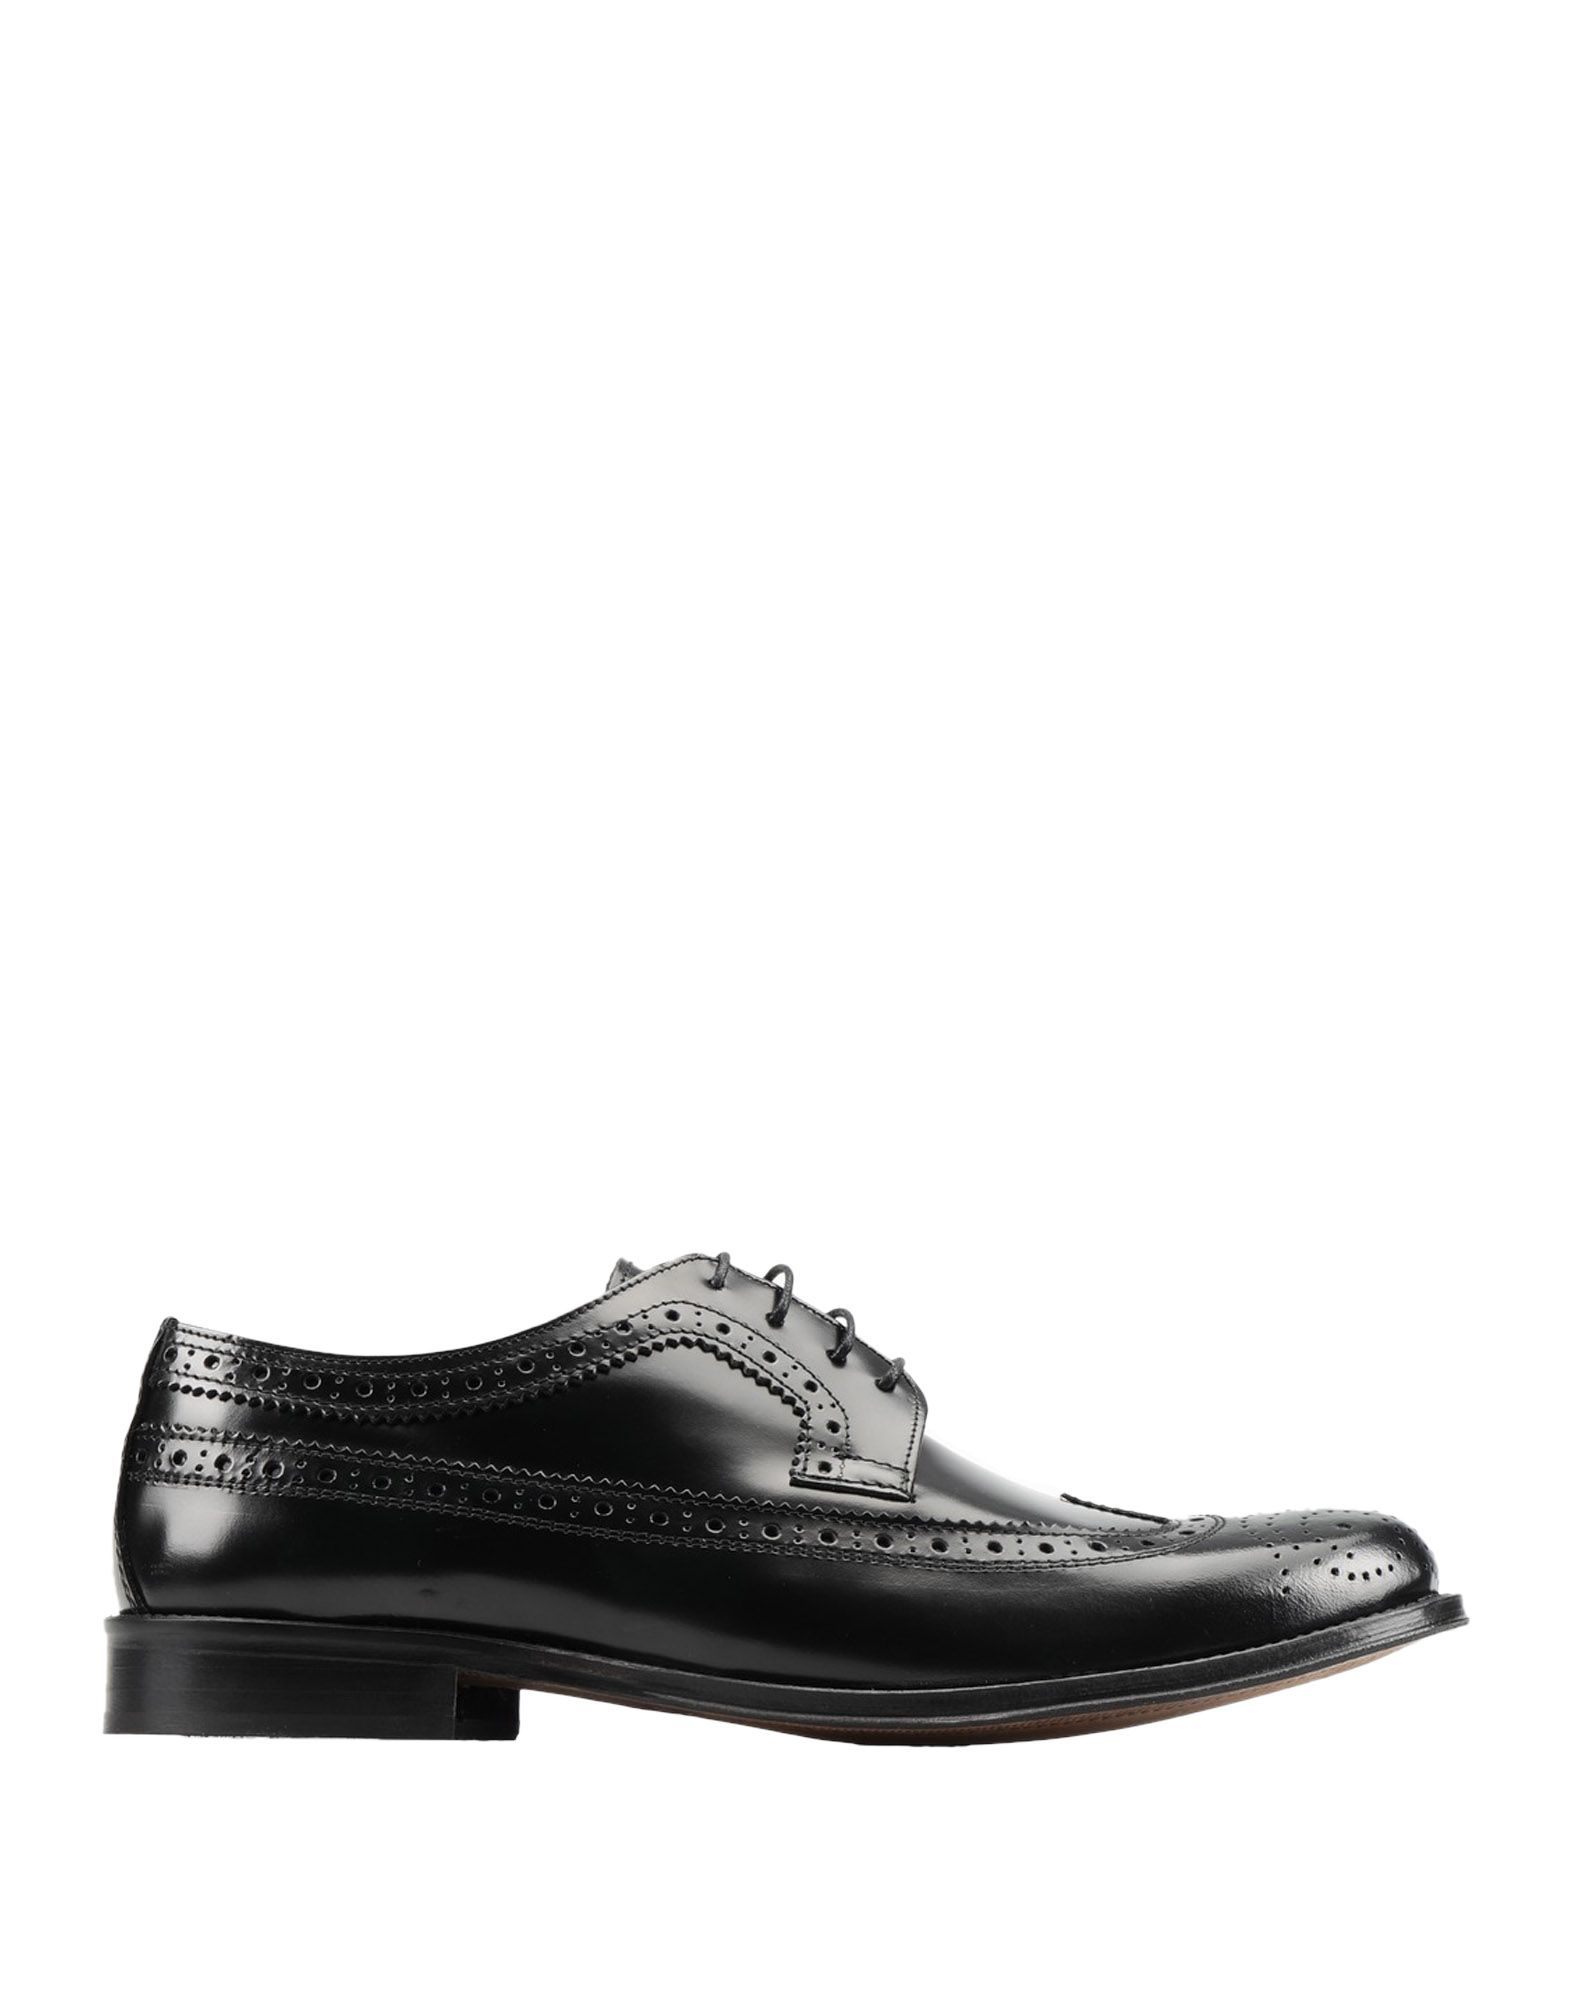 Фото - LEONARDO PRINCIPI Обувь на шнурках обувь на высокой платформе dkny